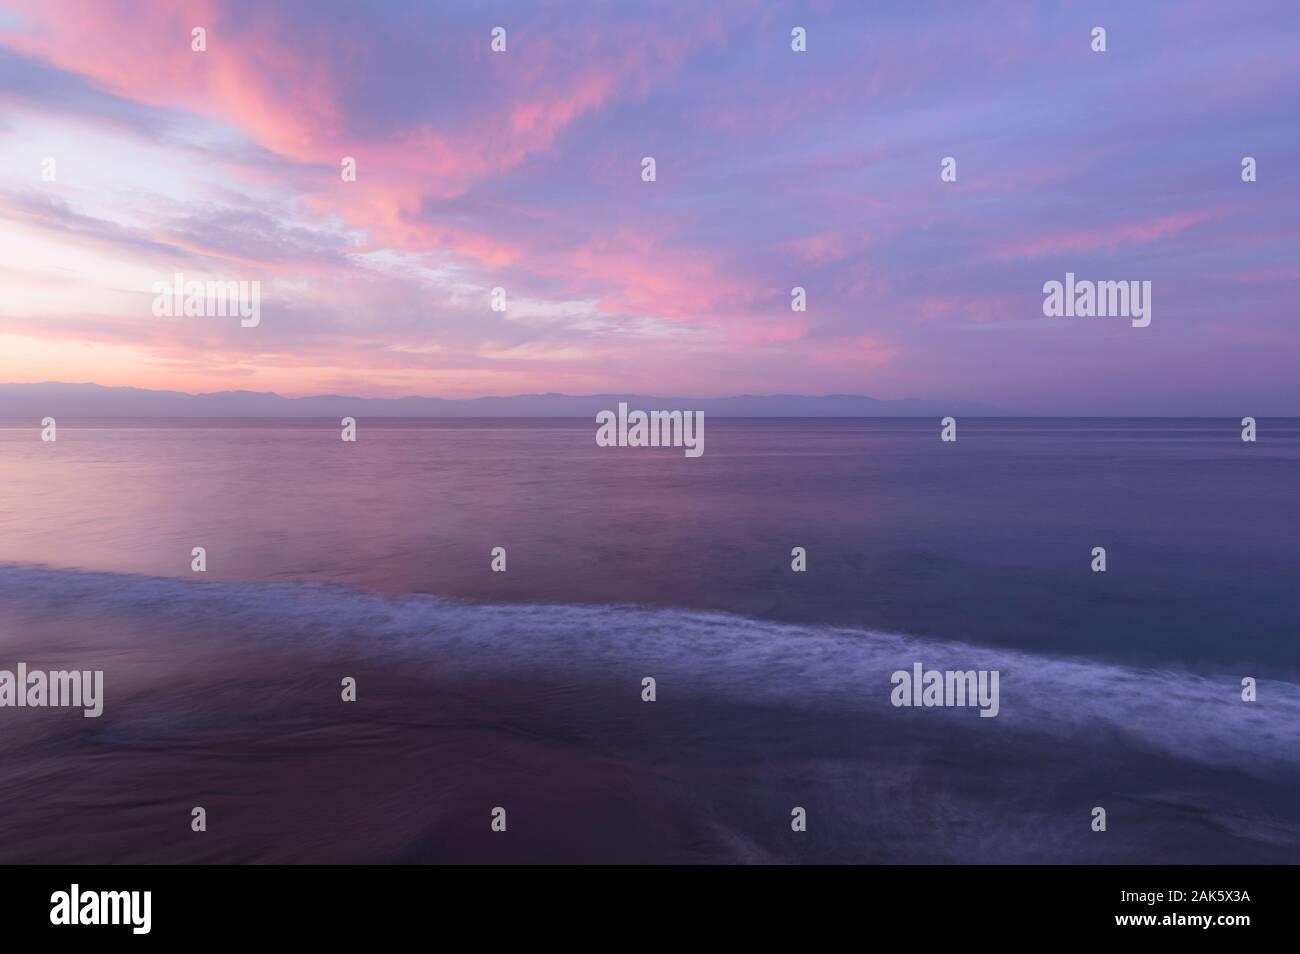 Le Mexique,Nayarit,Nuevo Vallarta, l'océan Pacifique à l'aube, le ciel et l'eau rose Banque D'Images